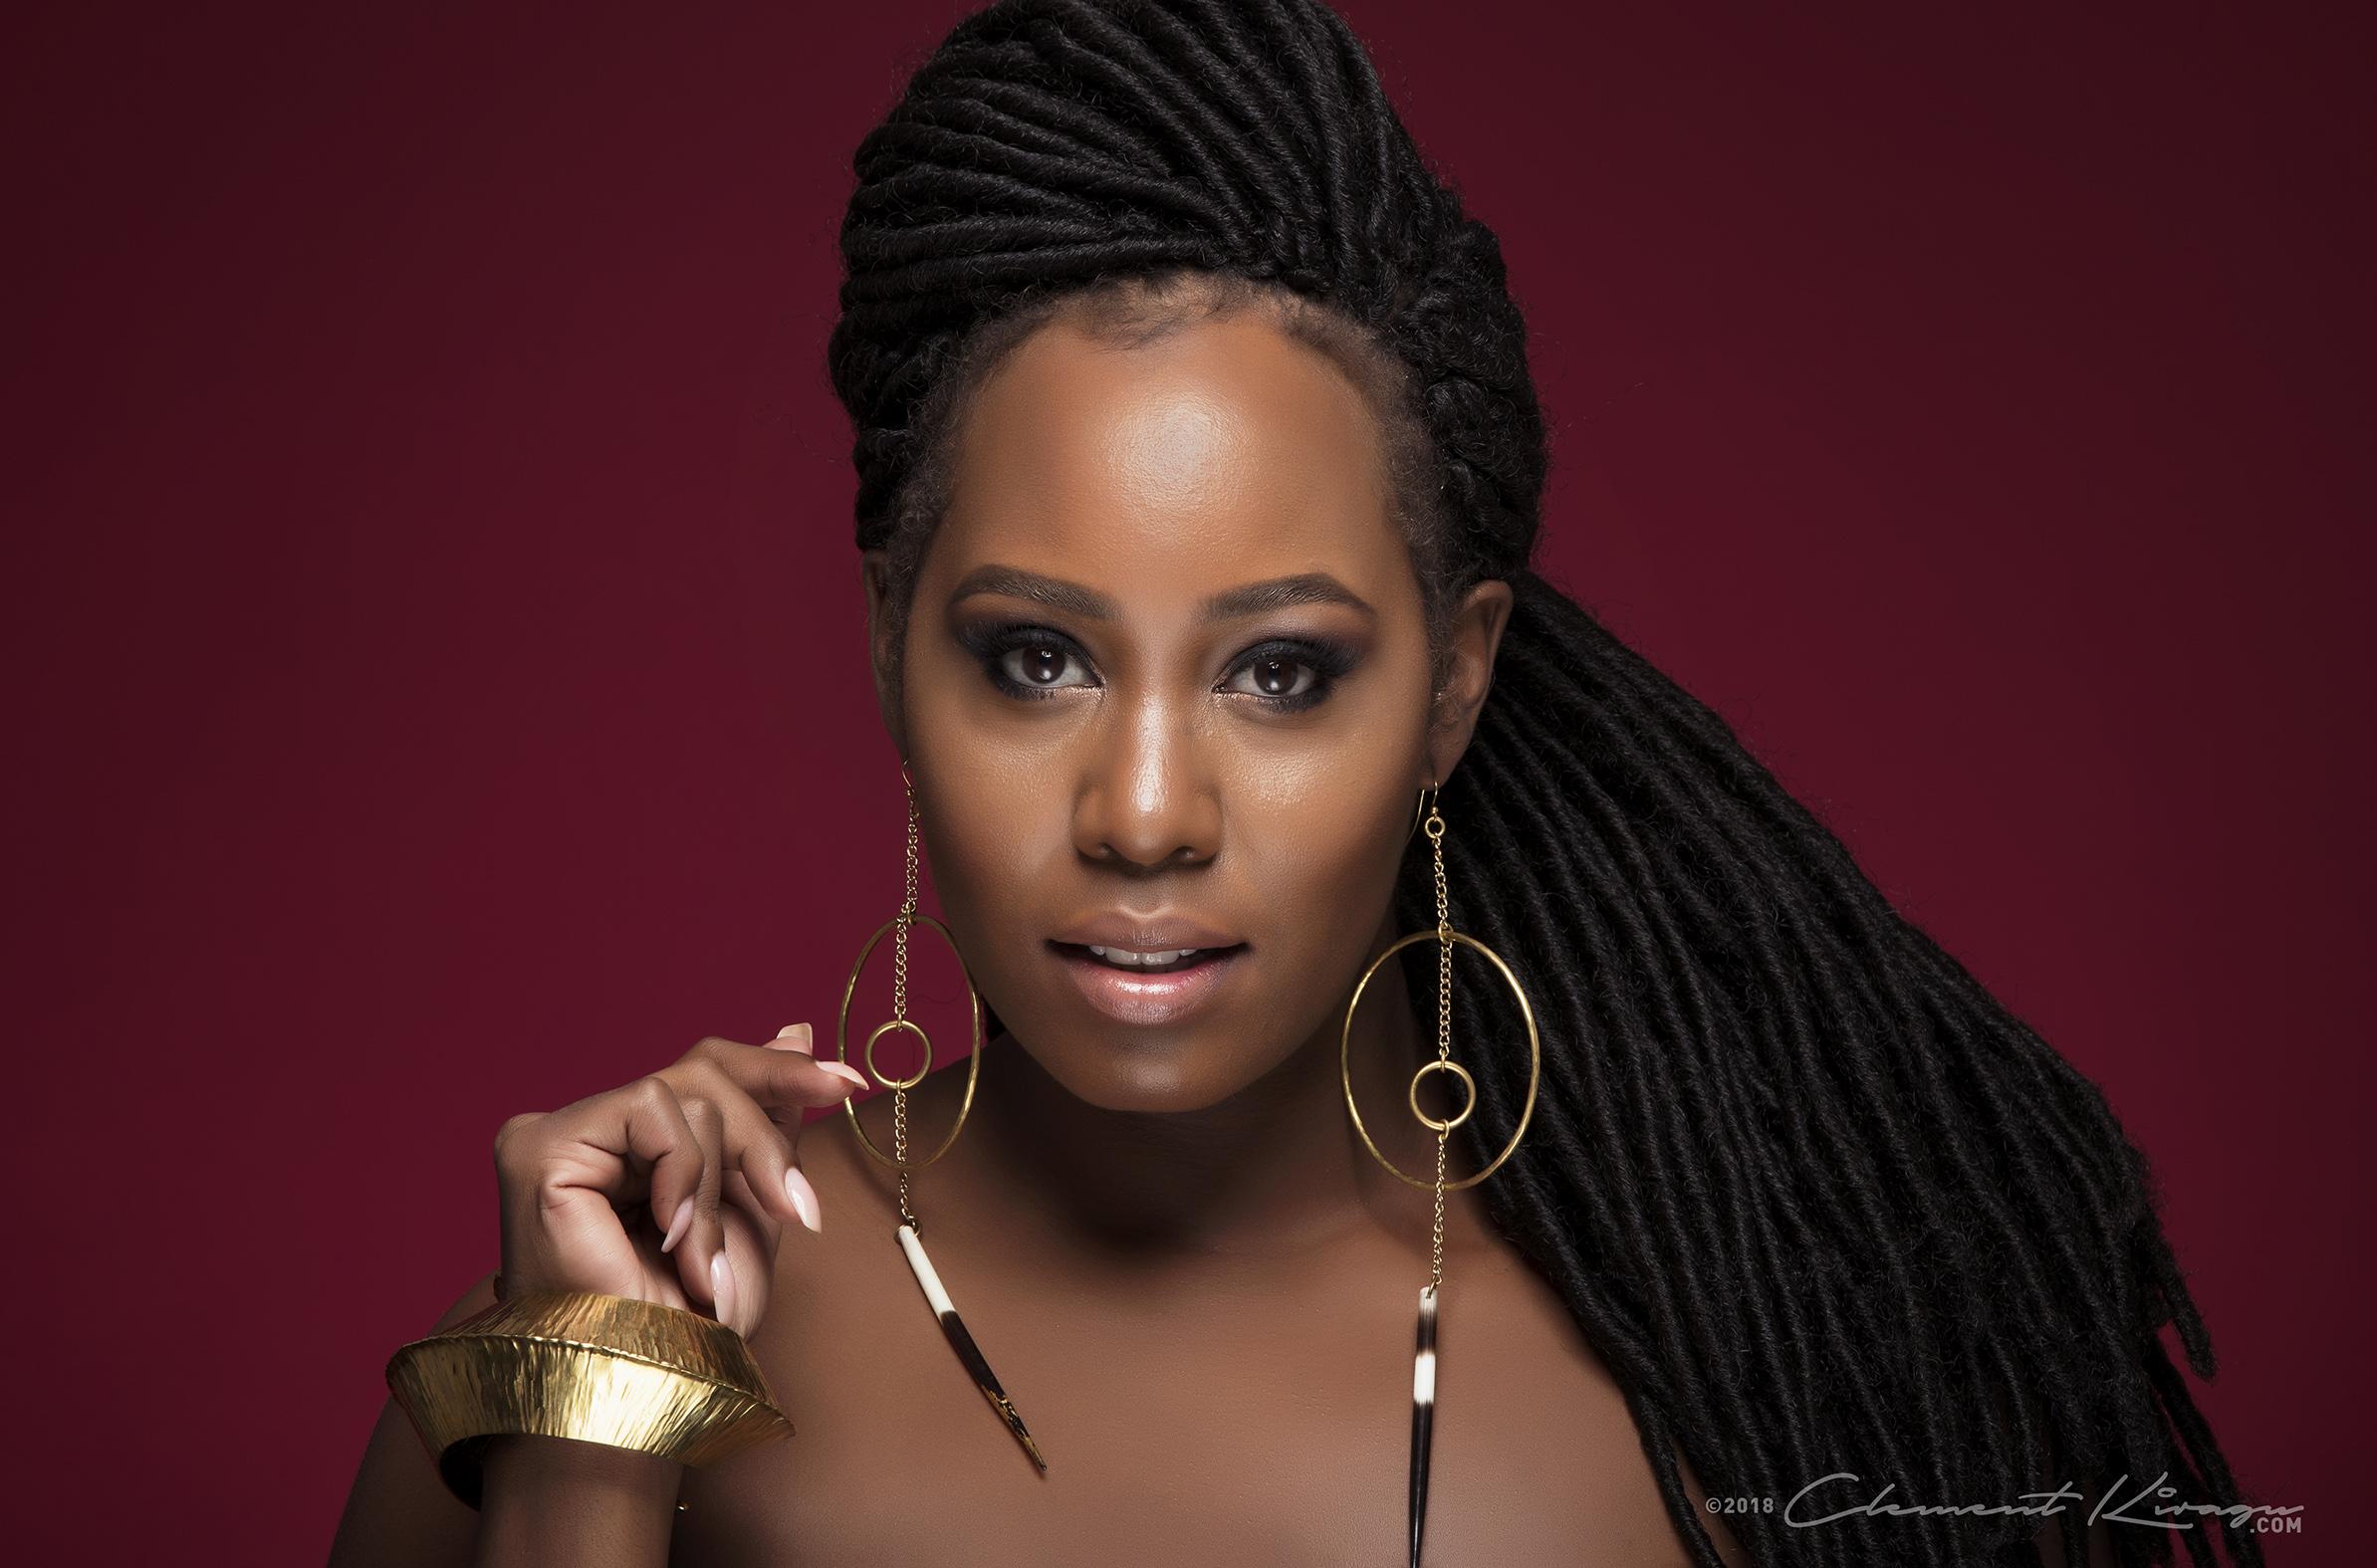 Muthoni Njoba MUA - Photography by Clement Kiragu